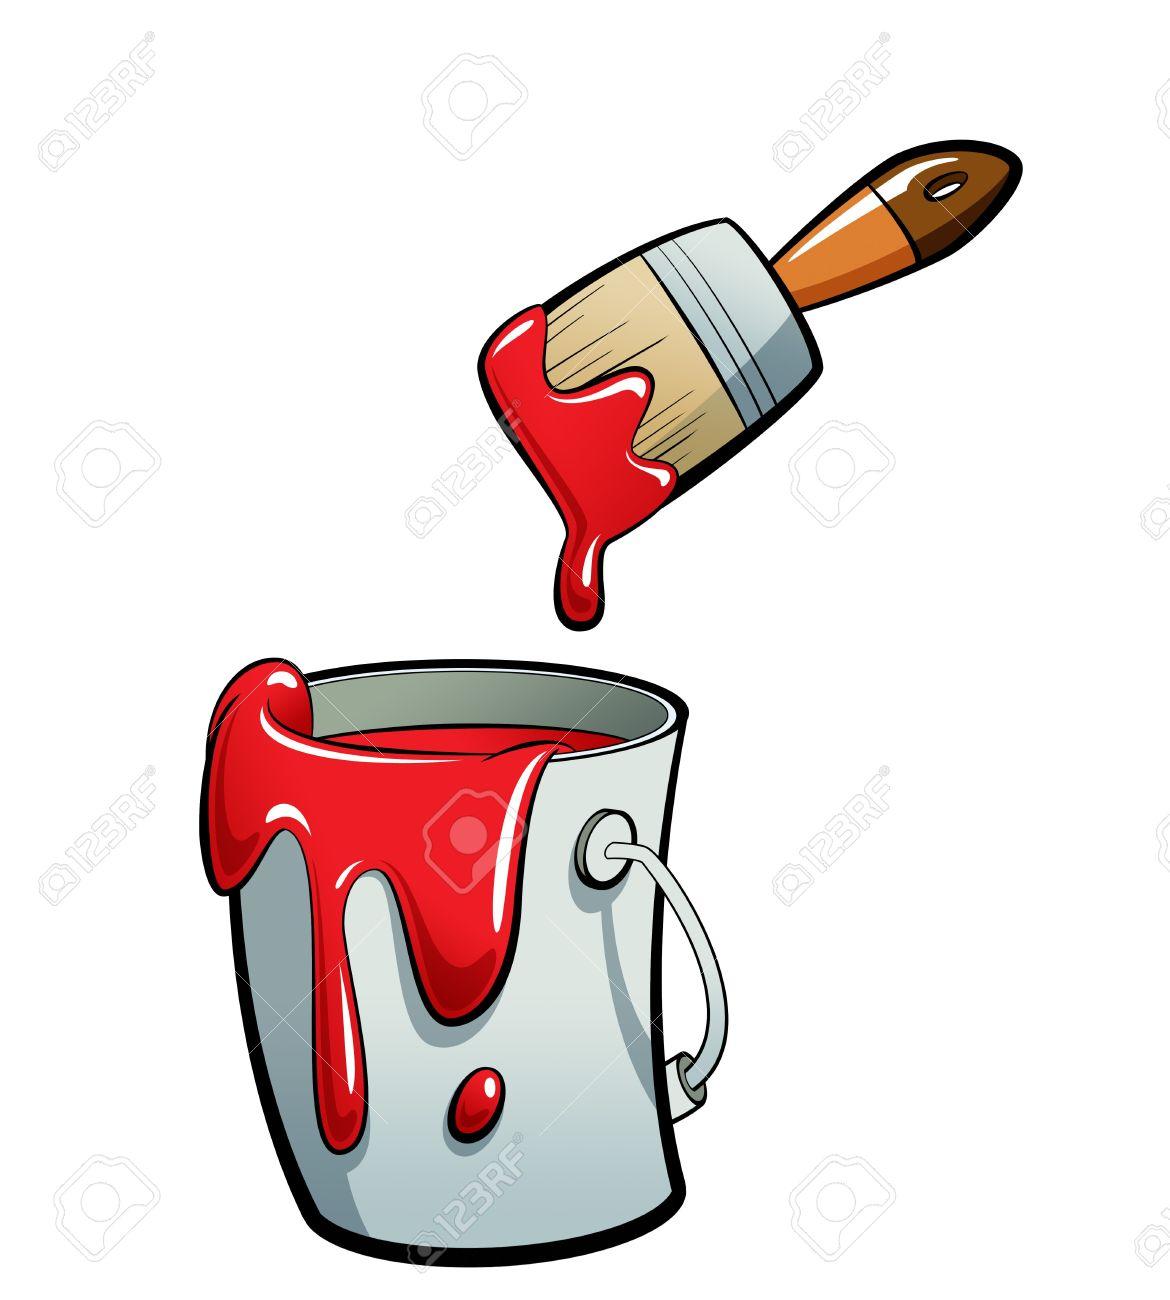 Pinsel und farbe clipart graphic freeuse Cartoon Rote Farbe Malen In Einem Grauen Farbeimer, Malen Mit ... graphic freeuse